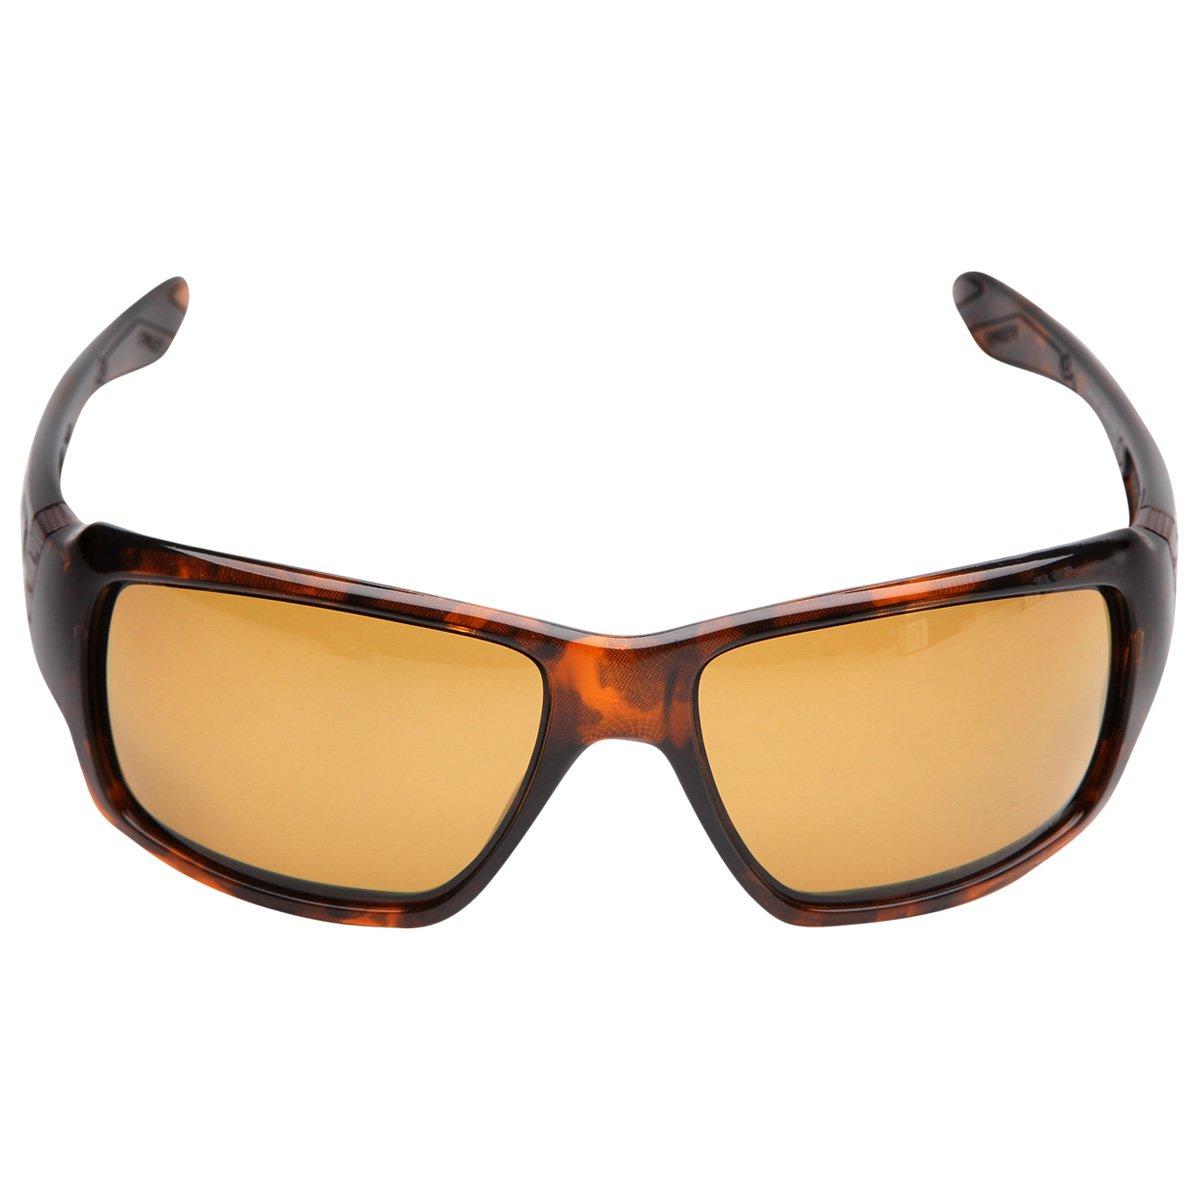 Óculos de Sol Oakley Big Taco - Compre Agora   Netshoes 972929db82